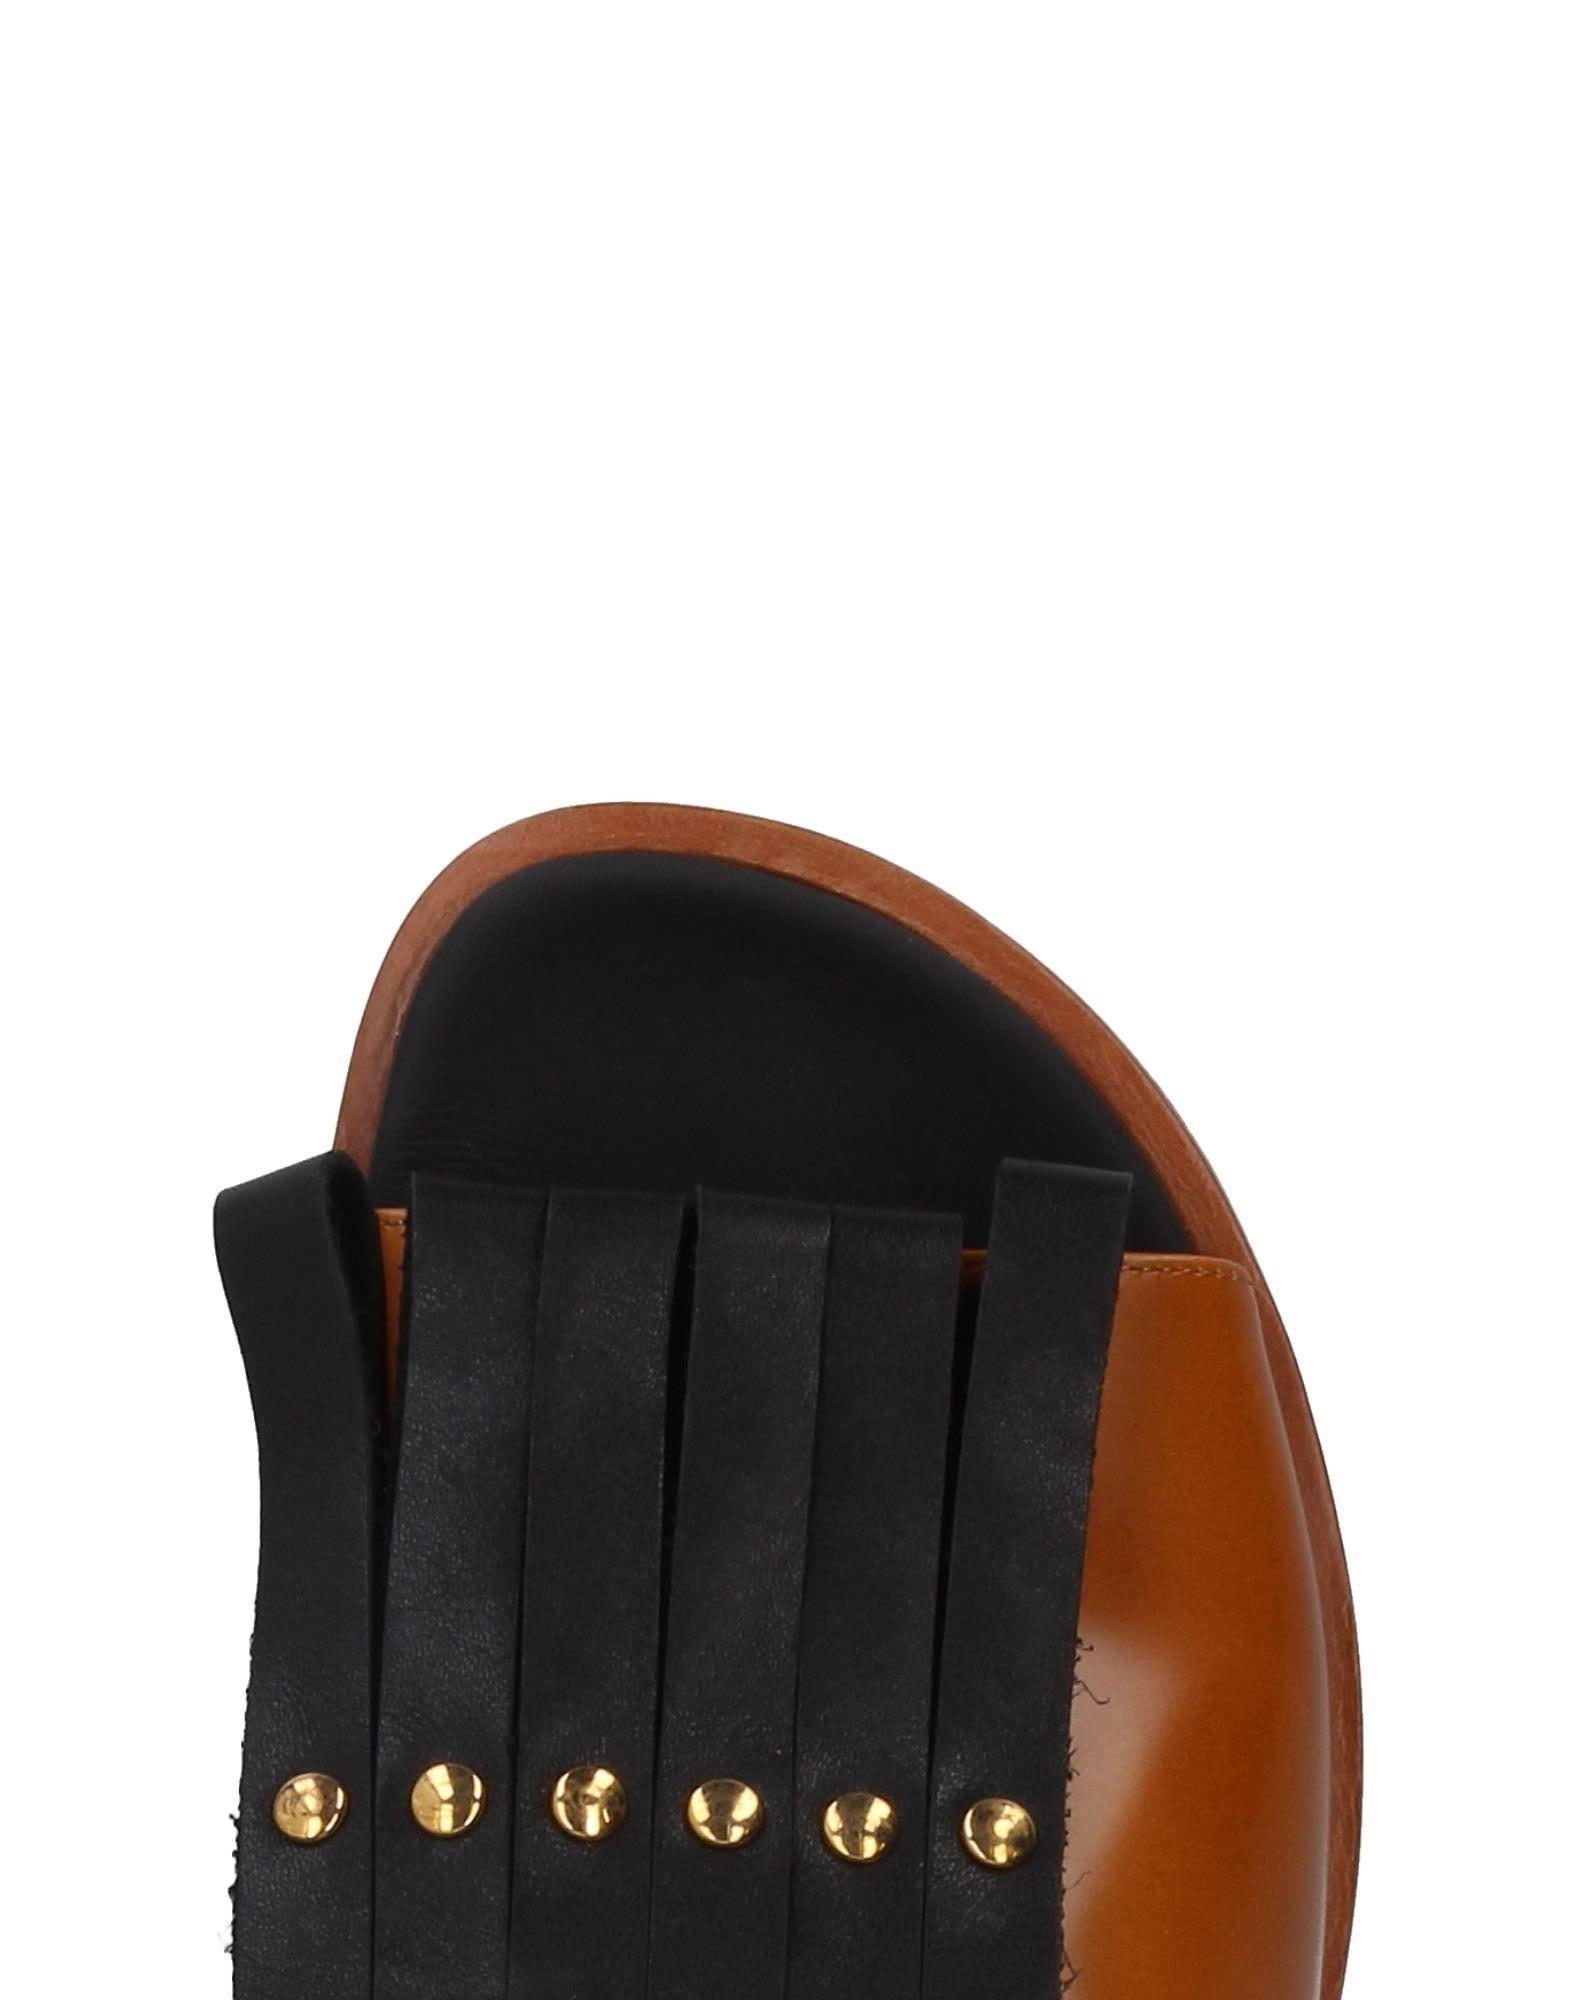 Sandales Lf Shoes Femme - Sandales Lf Shoes sur